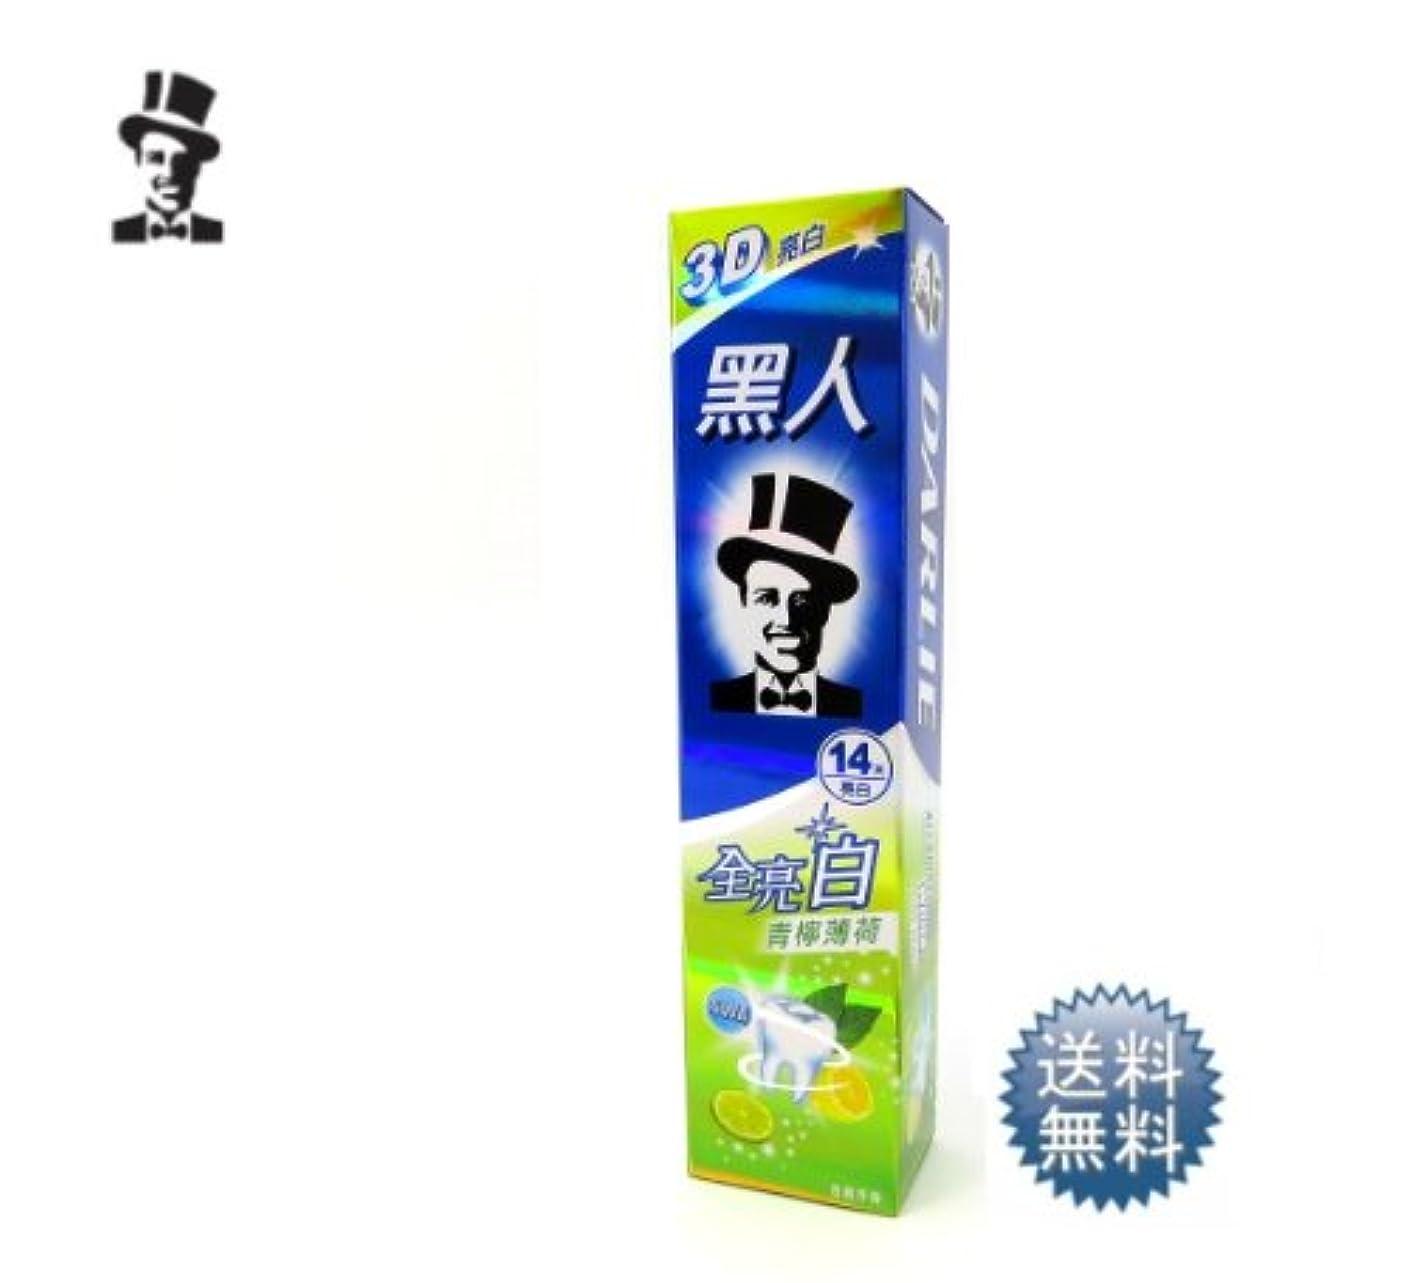 境界測定定説台湾 黒人 歯磨き 全亮白 青檸薄荷 140g